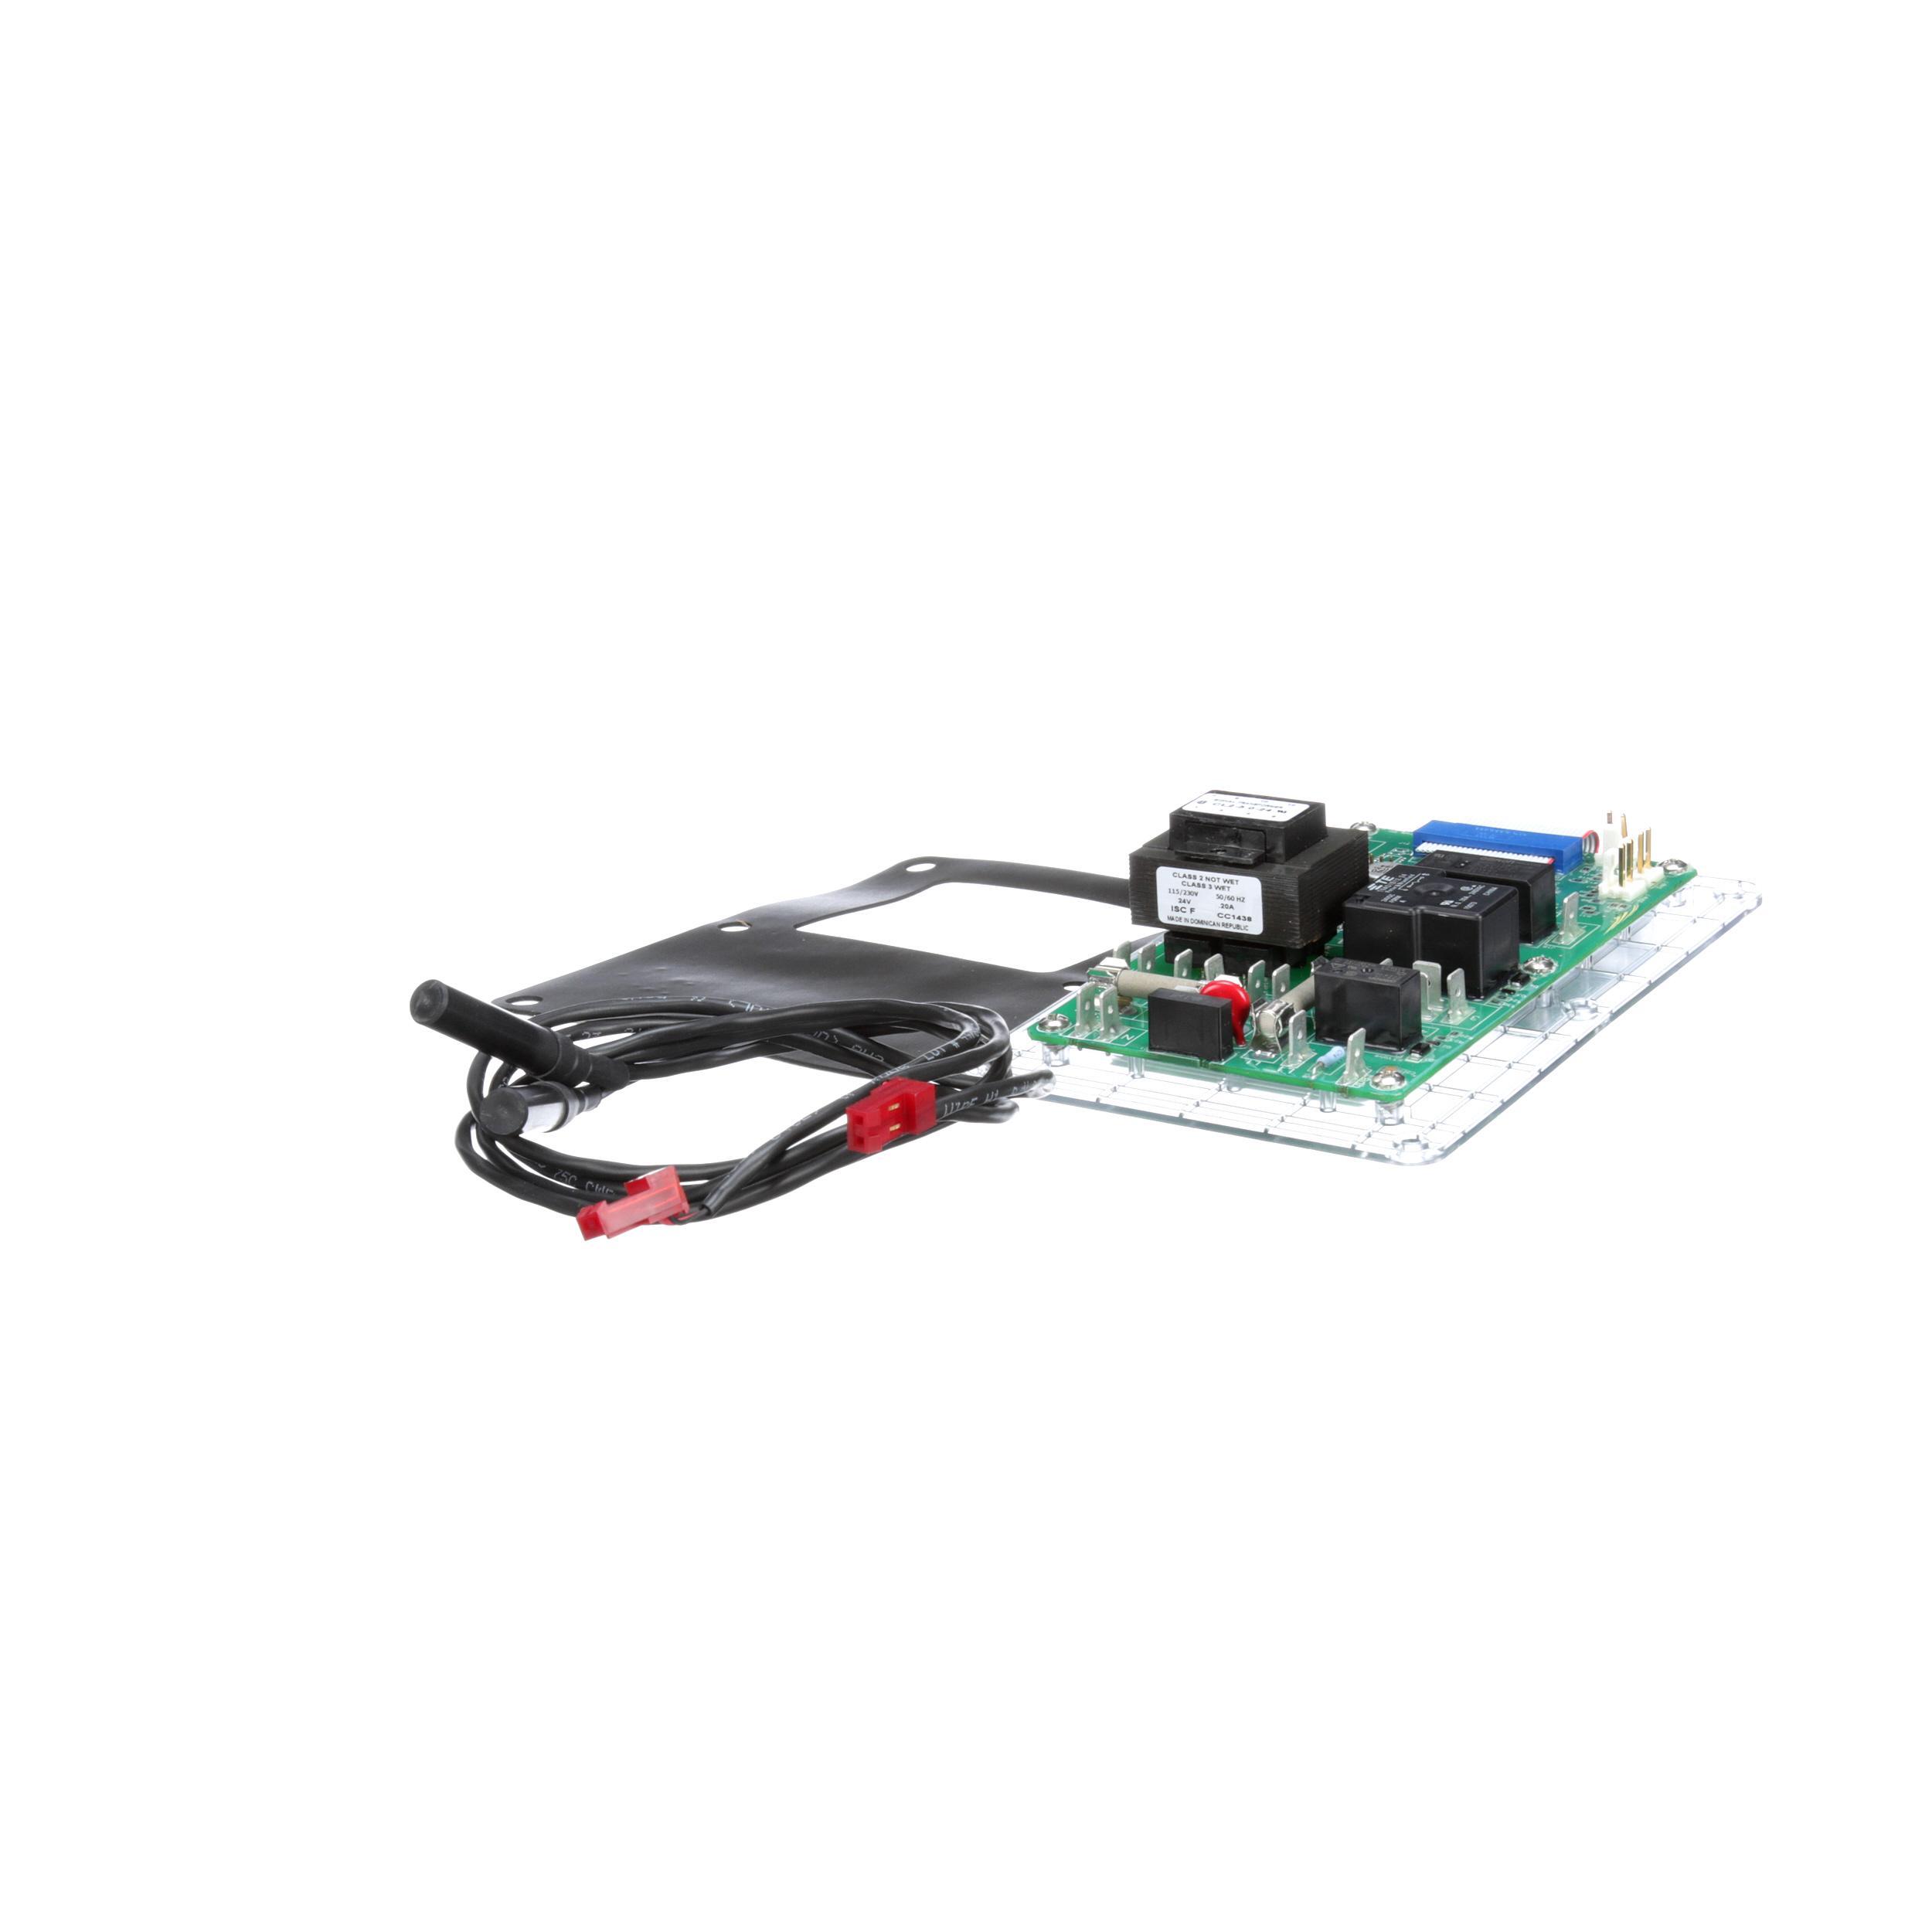 Bally Smart Vap Controller